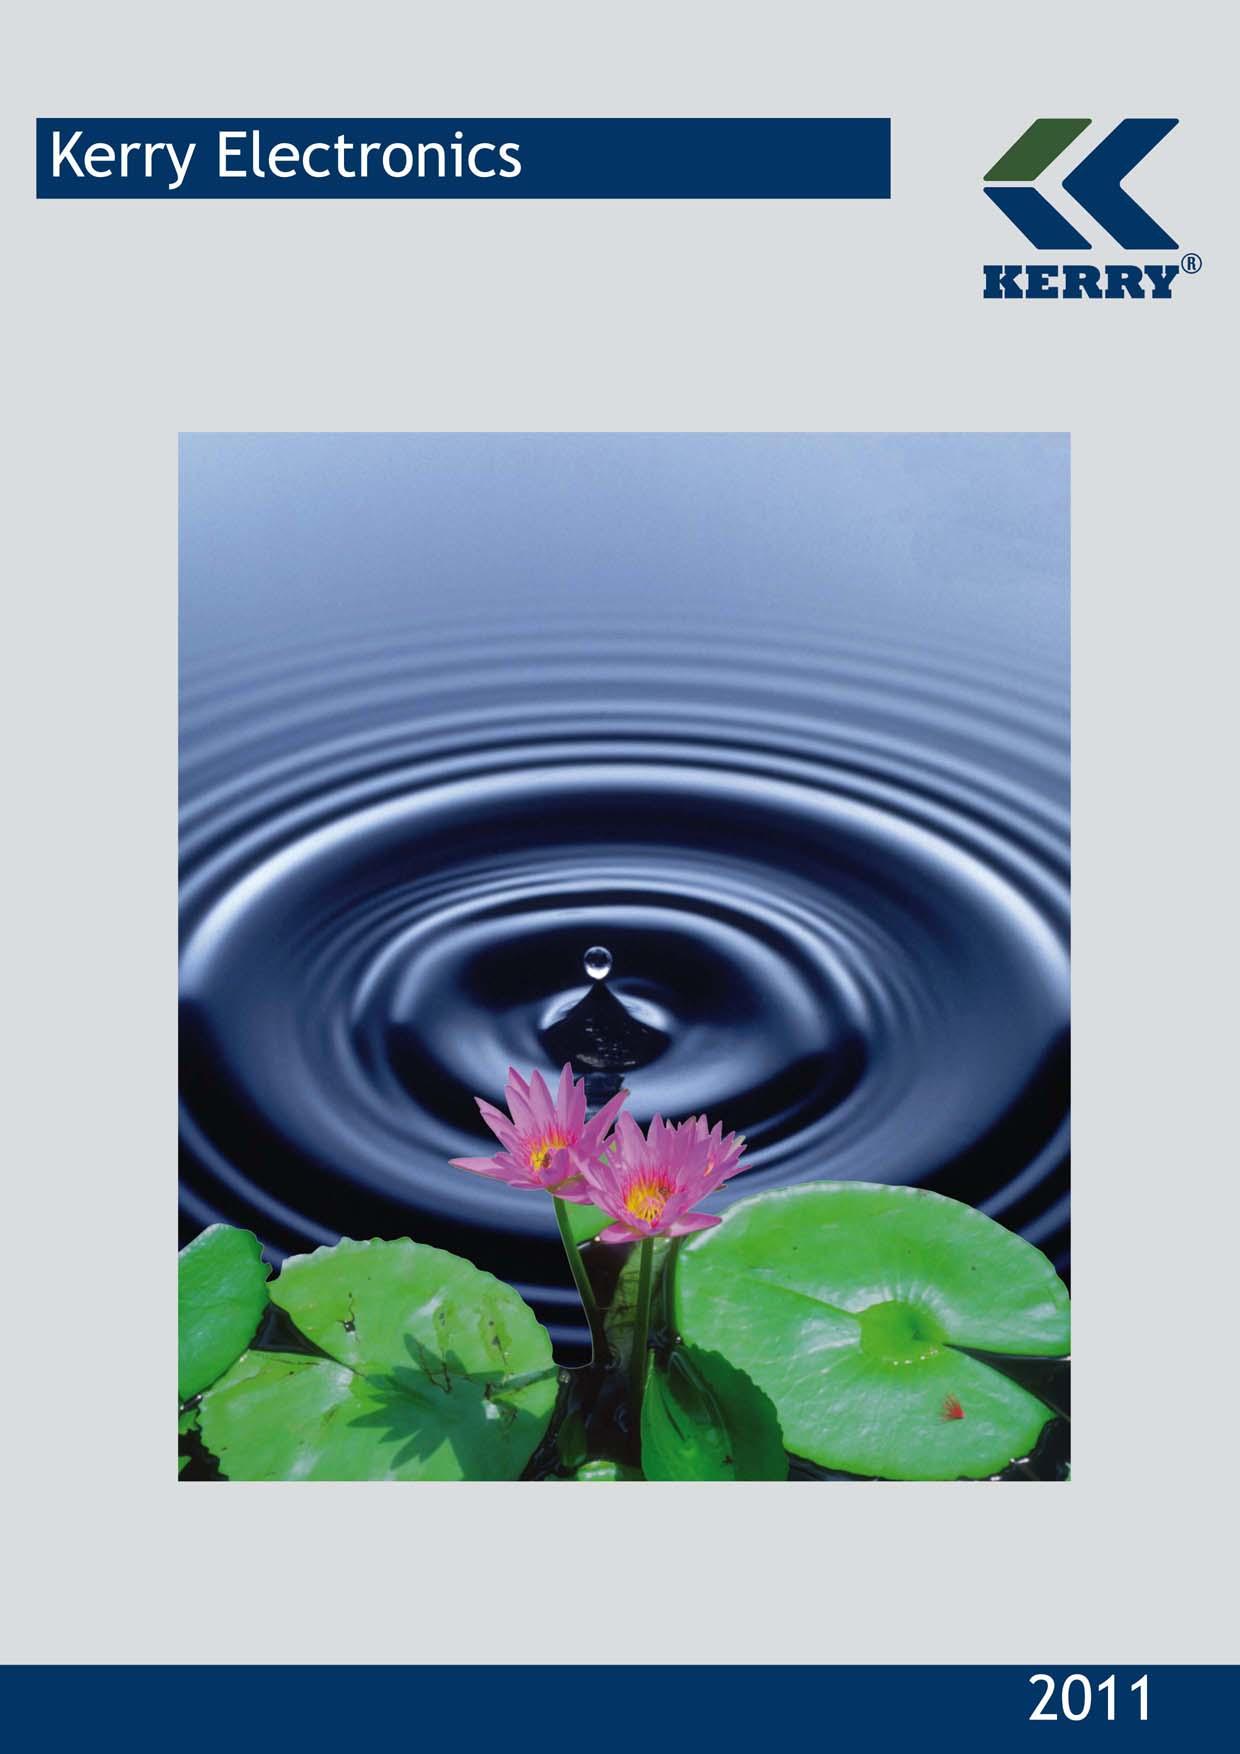 Kerry Katalog 2011